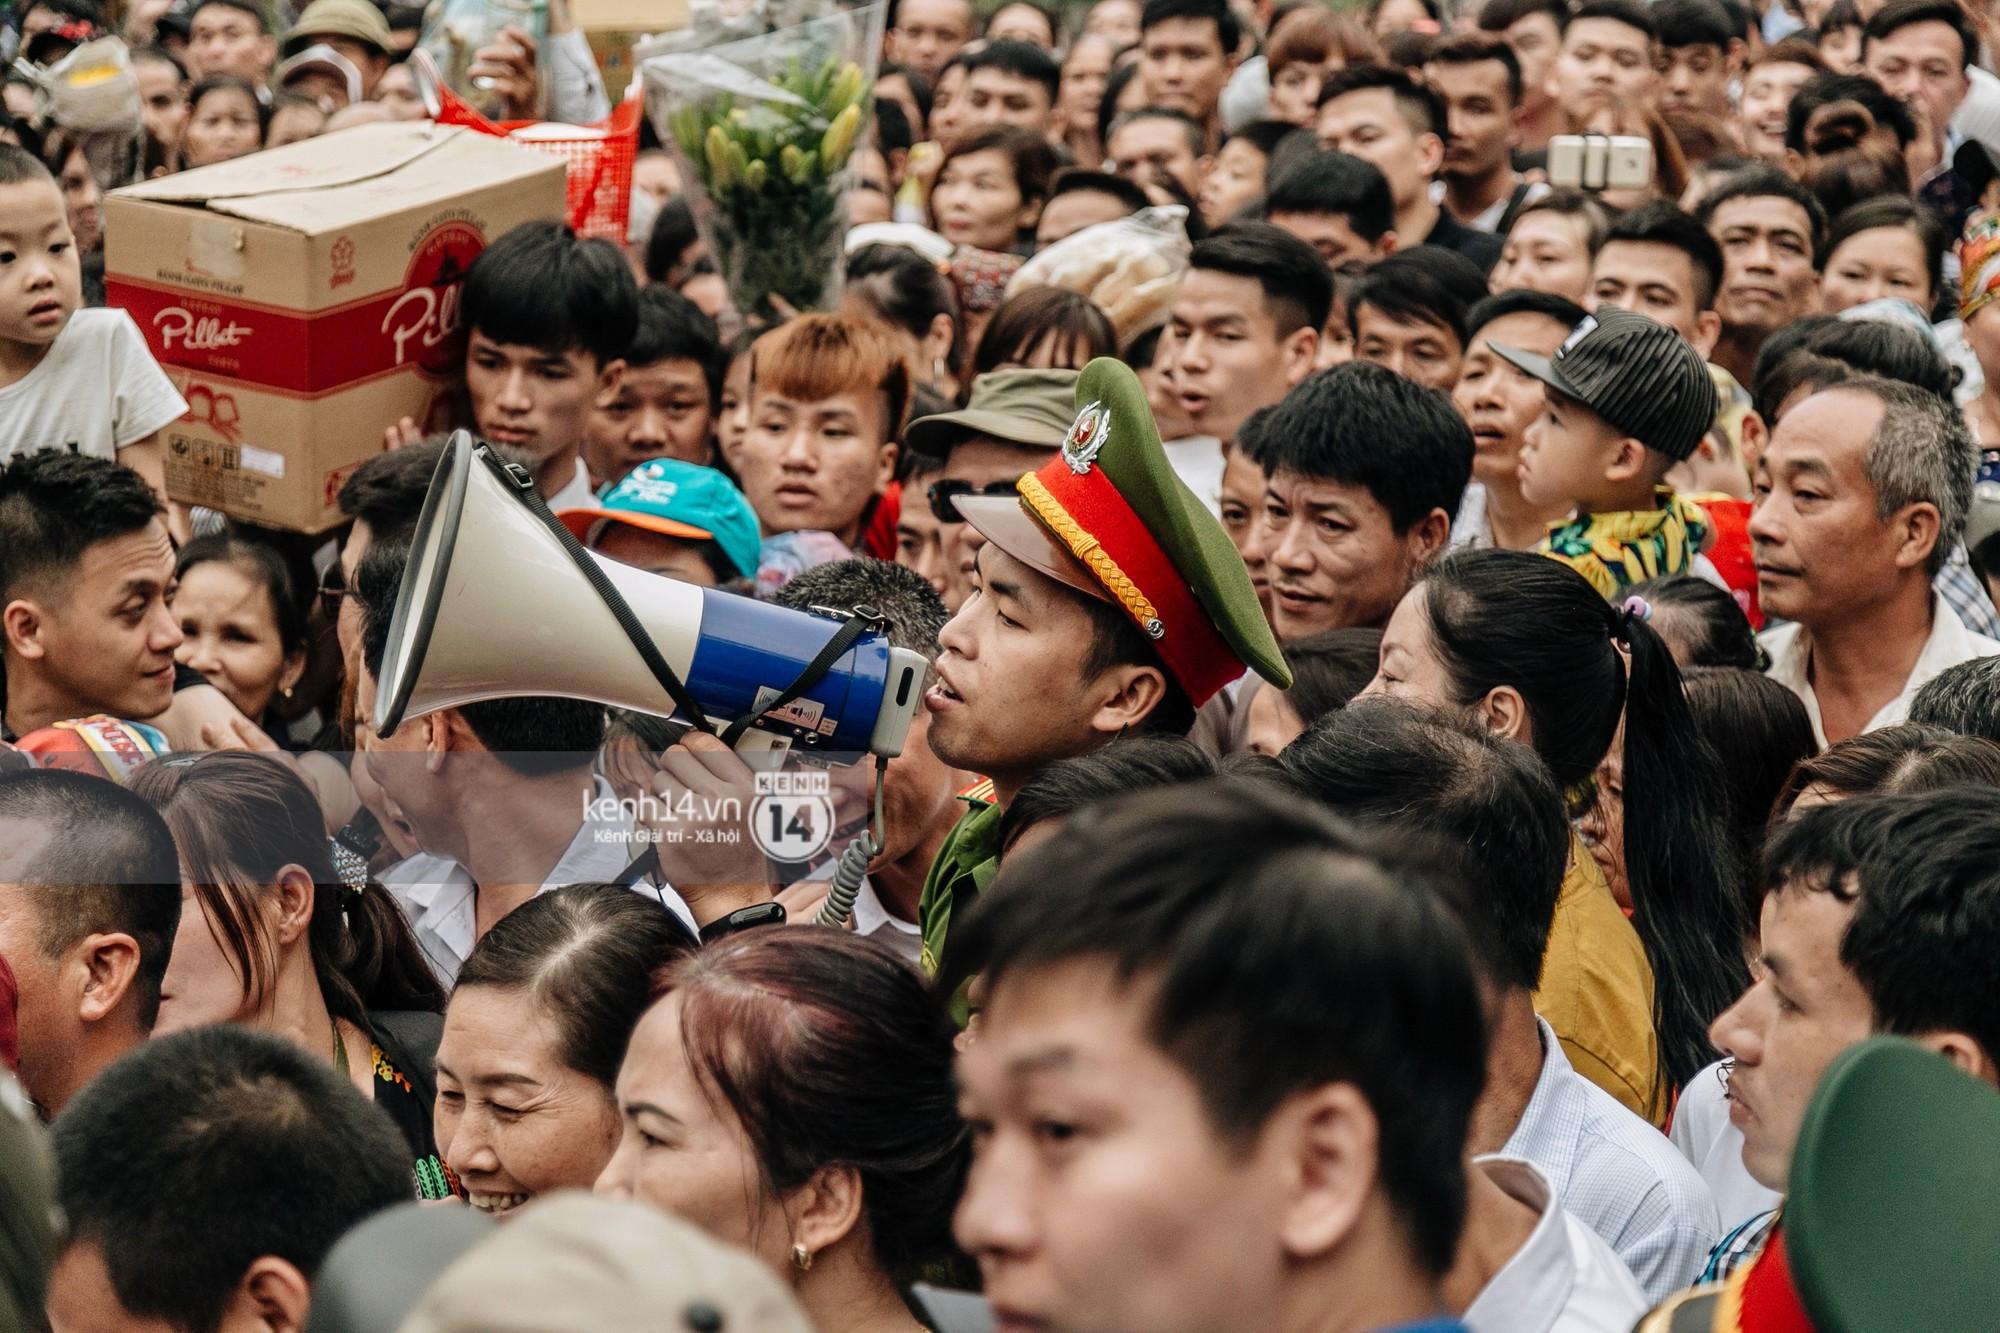 Nhìn lại những khoảnh khắc ấn tượng 2 ngày chính hội ở đền Hùng dịp giỗ Tổ Hùng Vương 2019 - Ảnh 9.